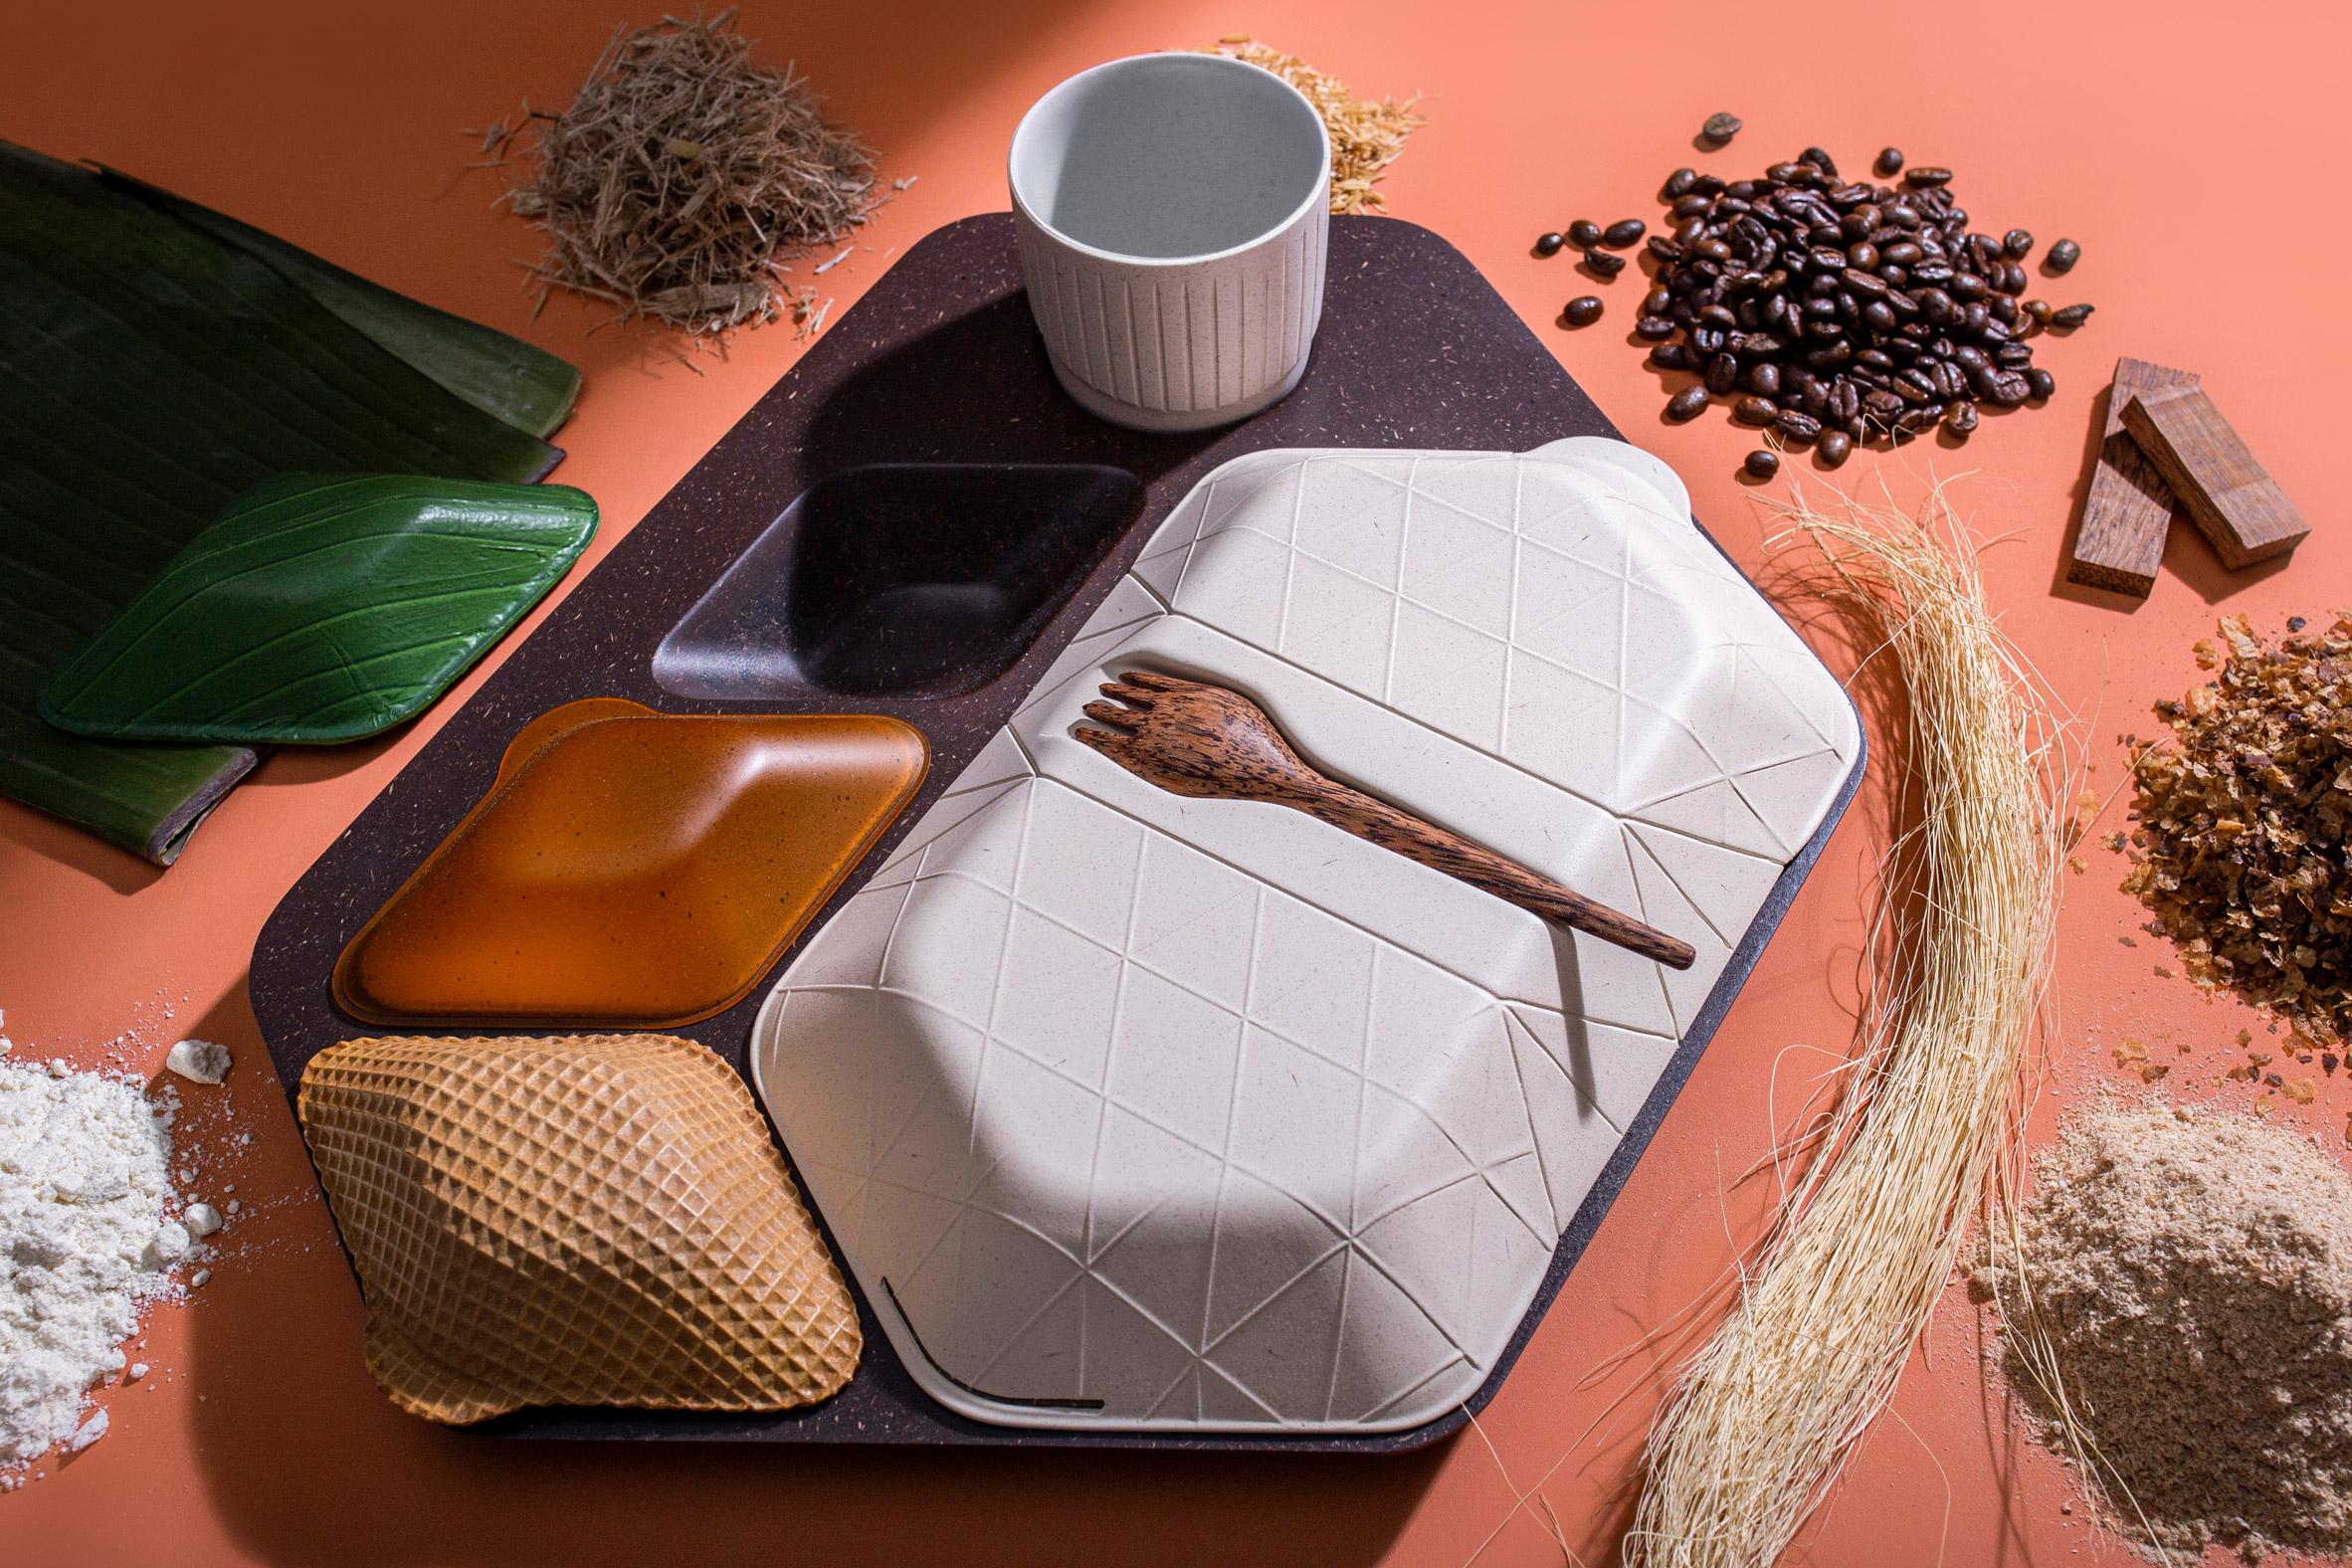 embalagem biodegradável feita arroz café coco